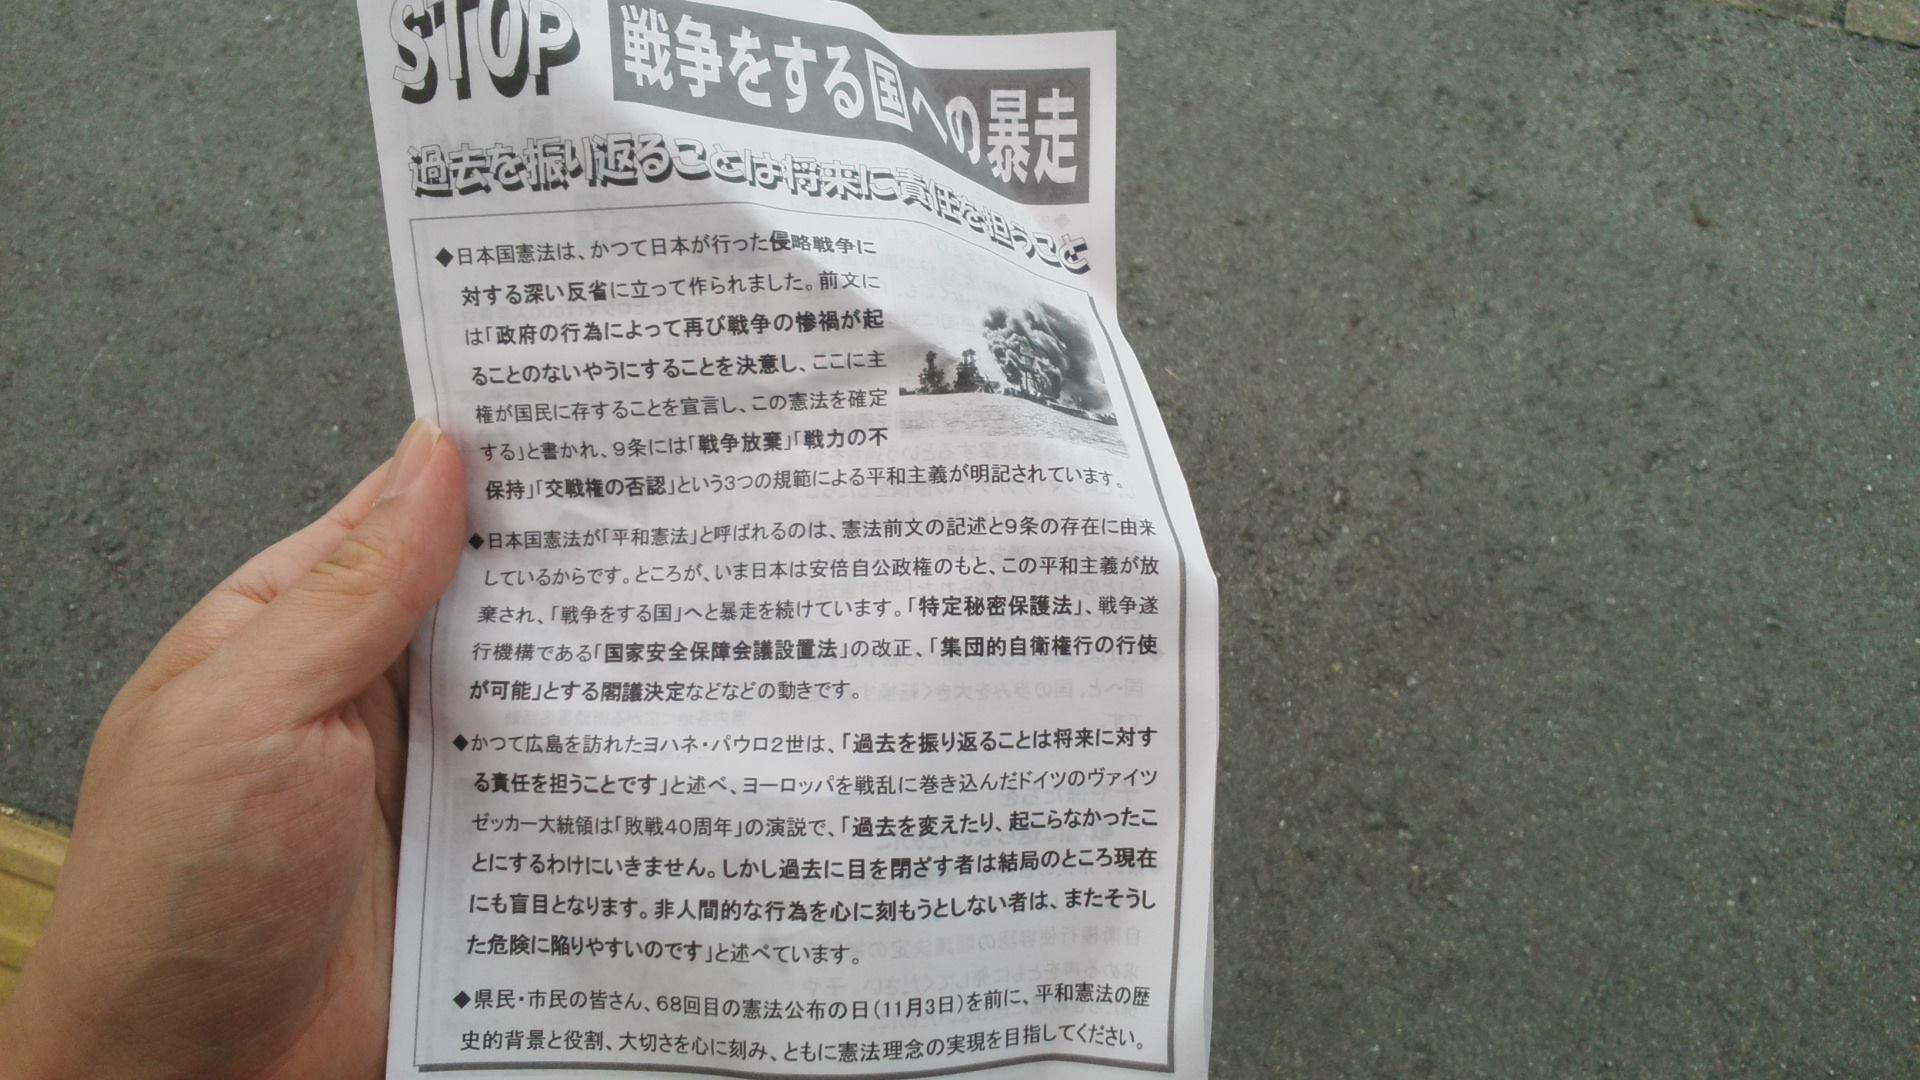 東広島市議会議員・赤木たつおさん、八本松駅前で頑張ります!_e0094315_07271123.jpg